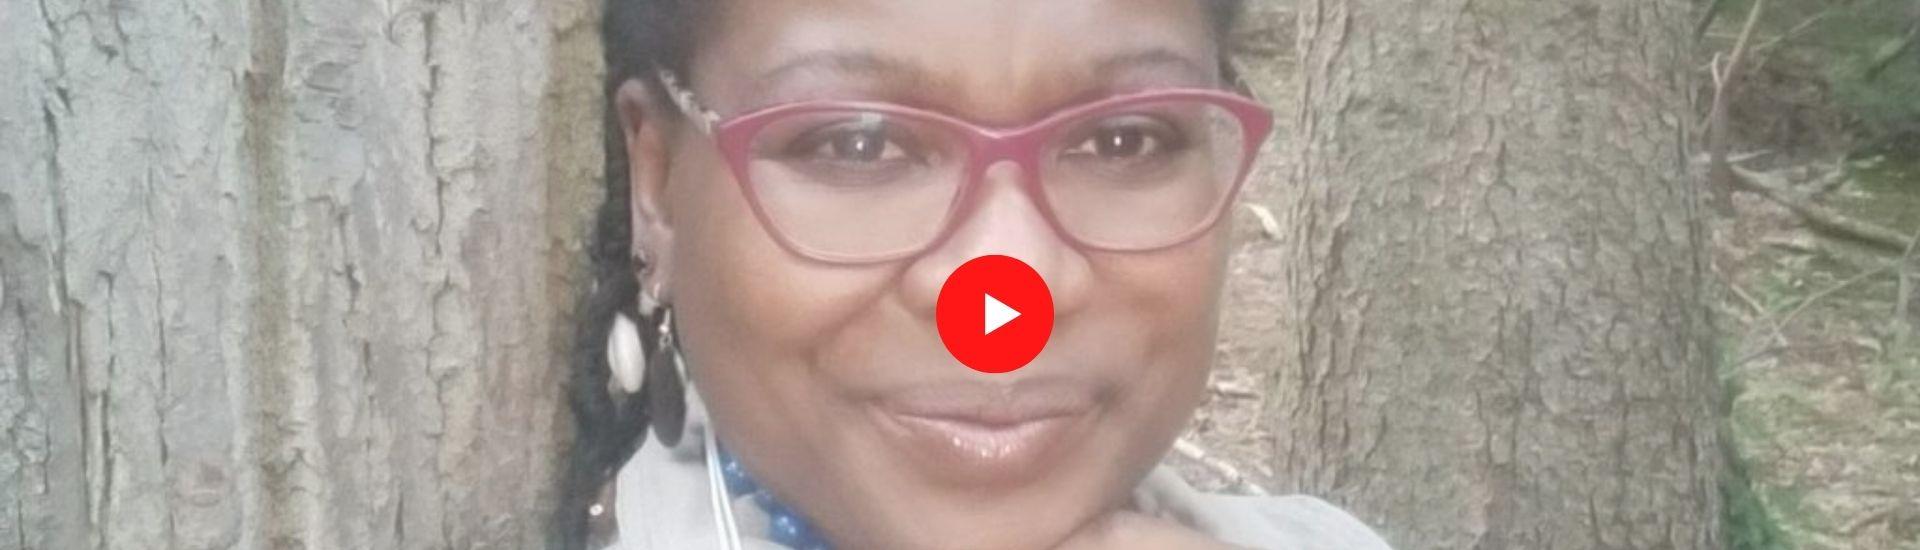 Minsili Zanga - Naturopathie : Quand l'Afrique sert d'exemple, le cas du Cameroun